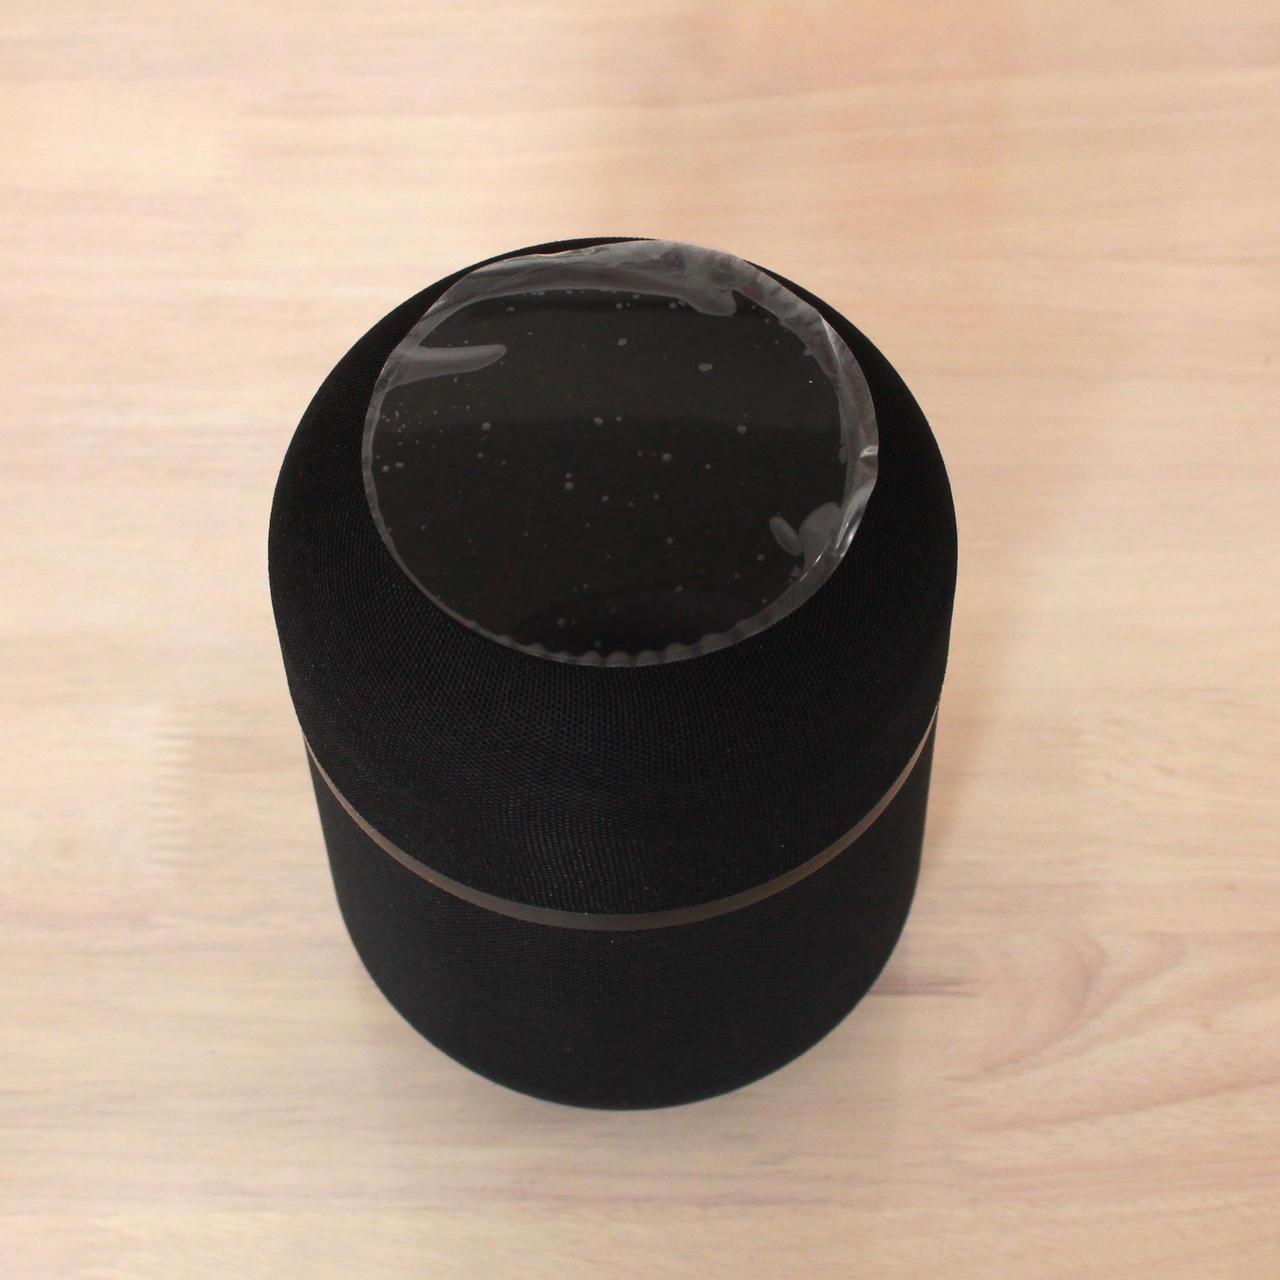 BW-AS3レビュー|360°にパワフルな重低音を響かせる12000mAhバッテリー内蔵のBluetoothスピーカー